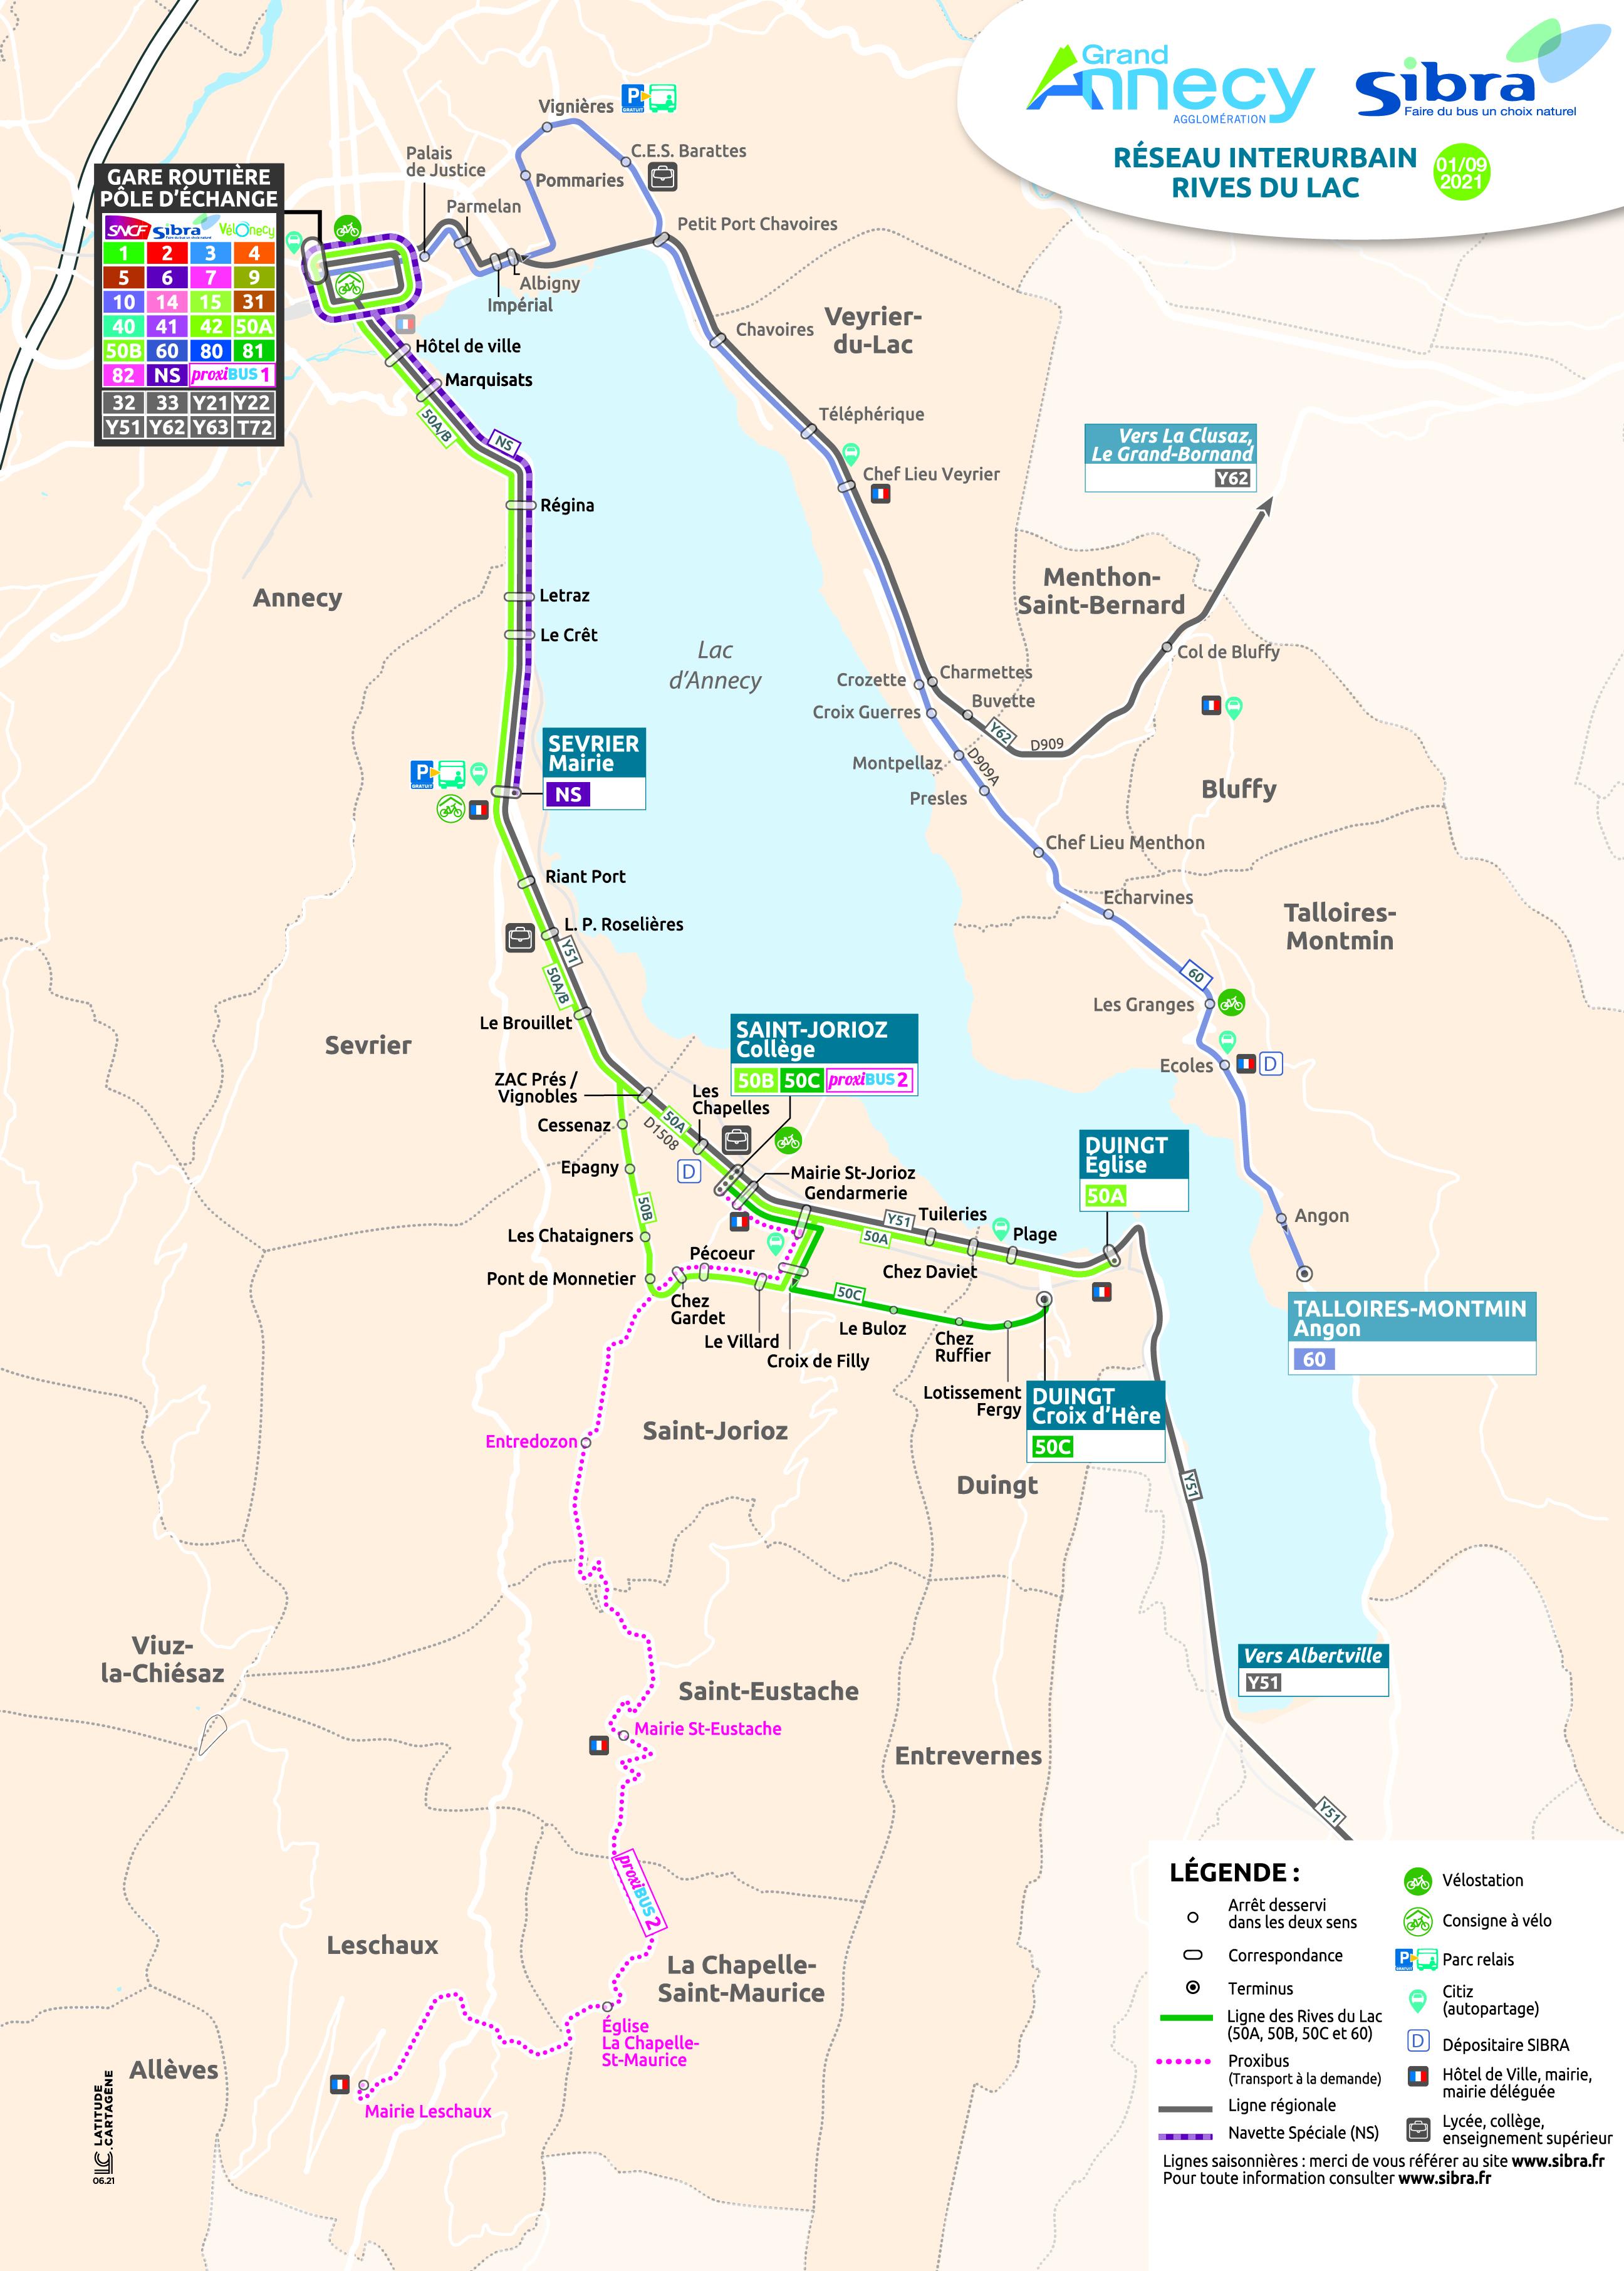 Plan lignes interurbaines - Rive Gauche 2021